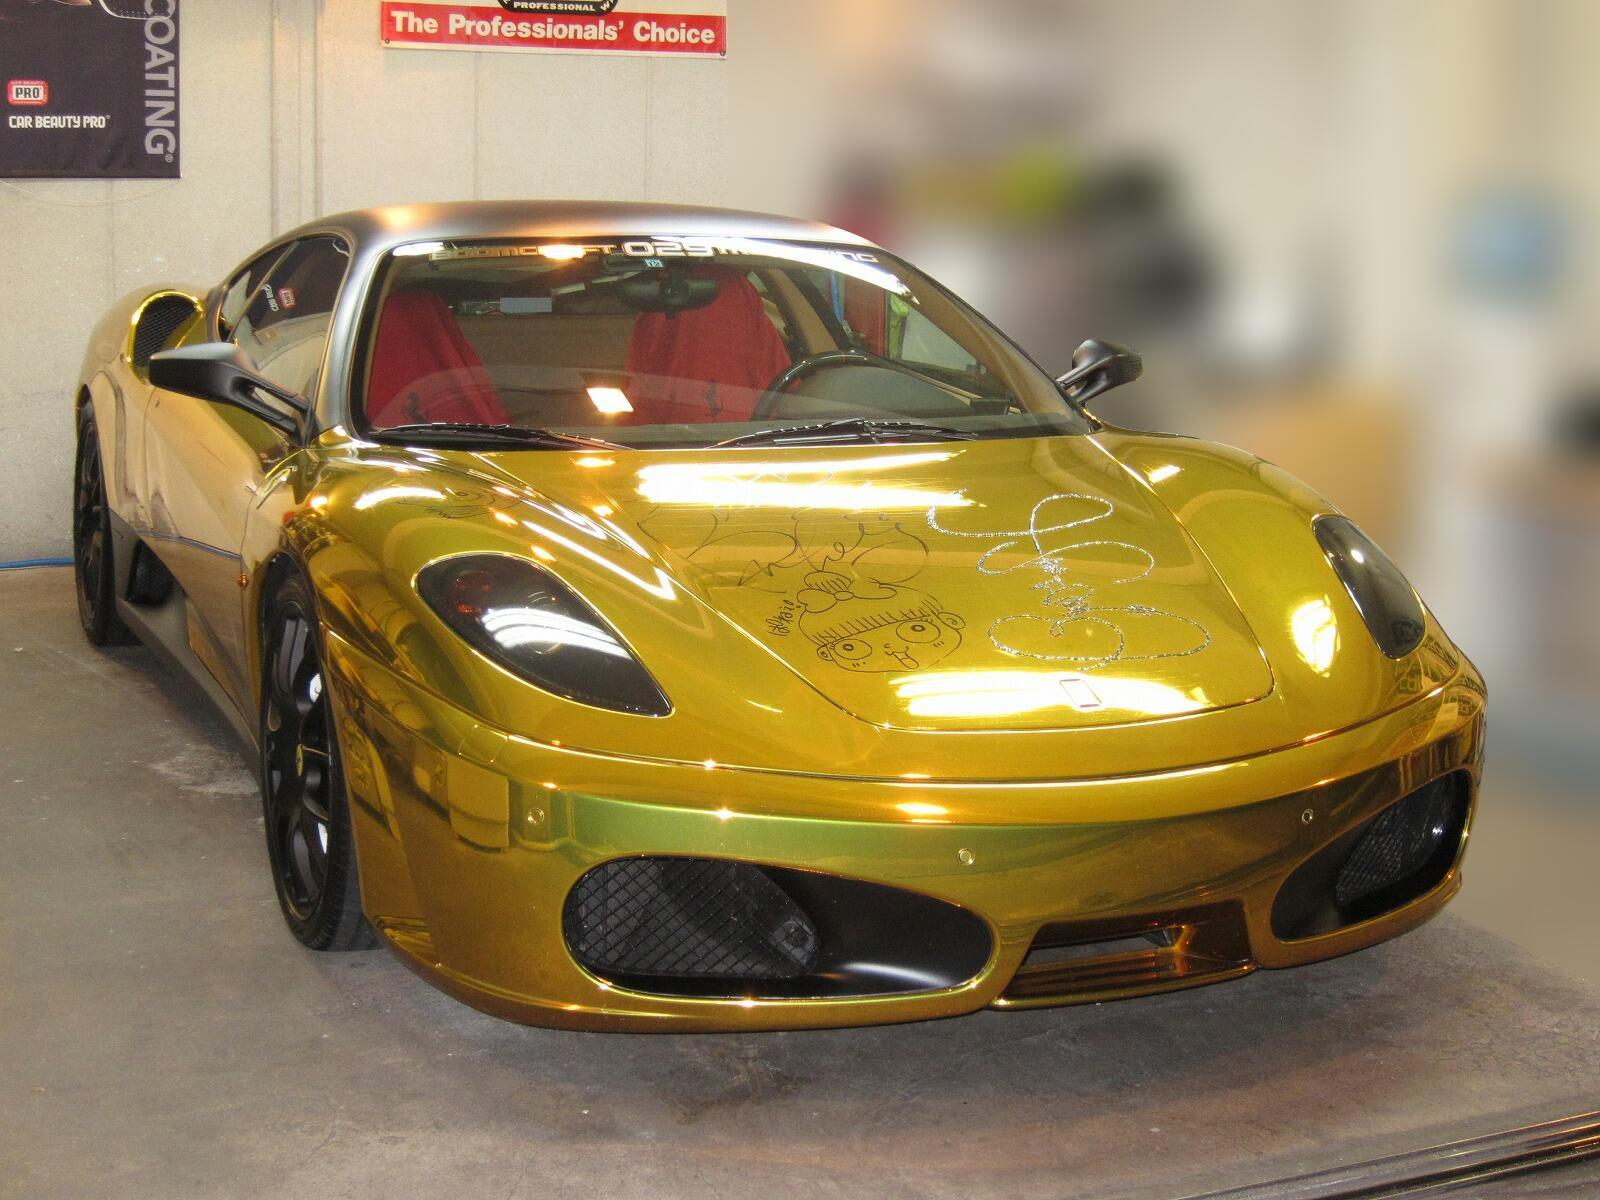 20121029-ferrari-f430-14